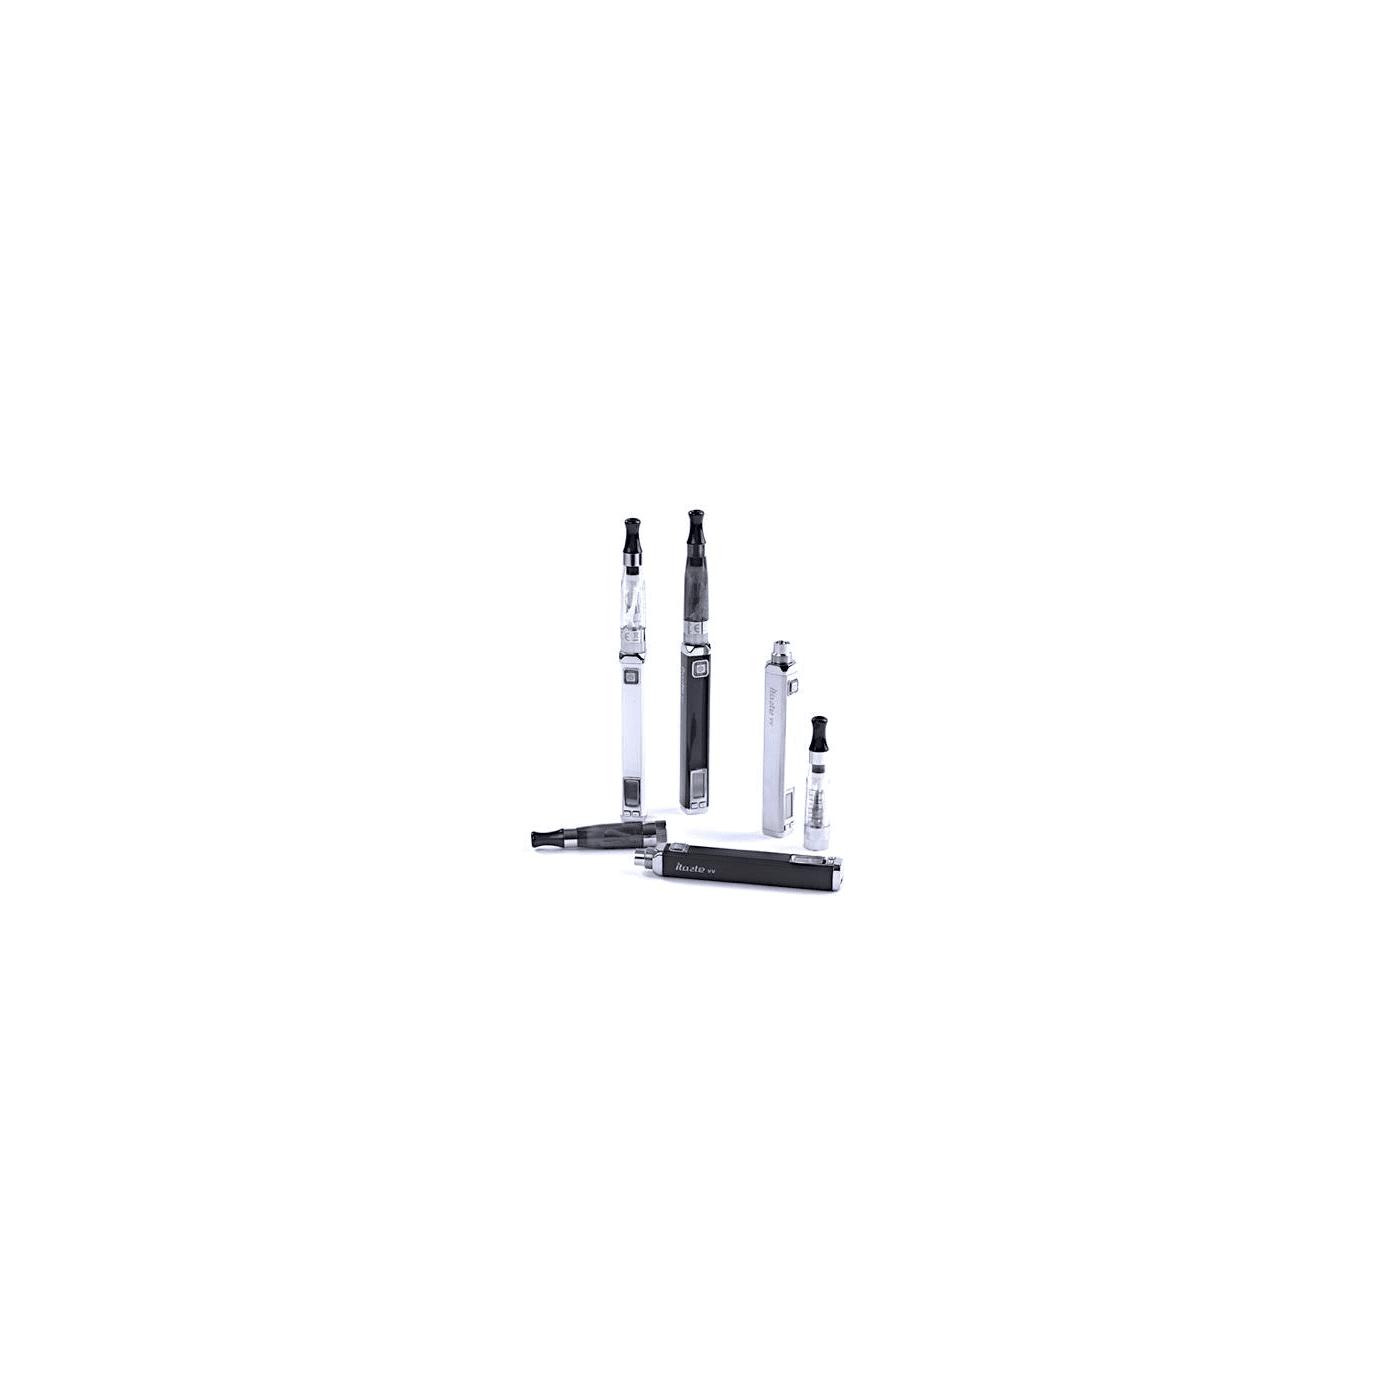 Innokin iTaste VV 3.0 Express Kit